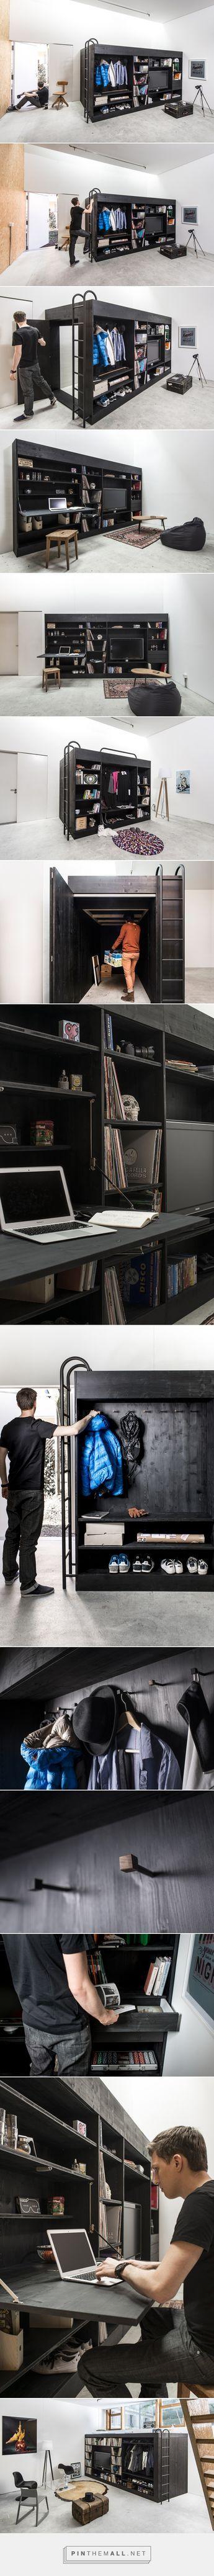 ELEMENTS Modular Furniture by Till Könneker » Yanko Design - created via http://pinthemall.net